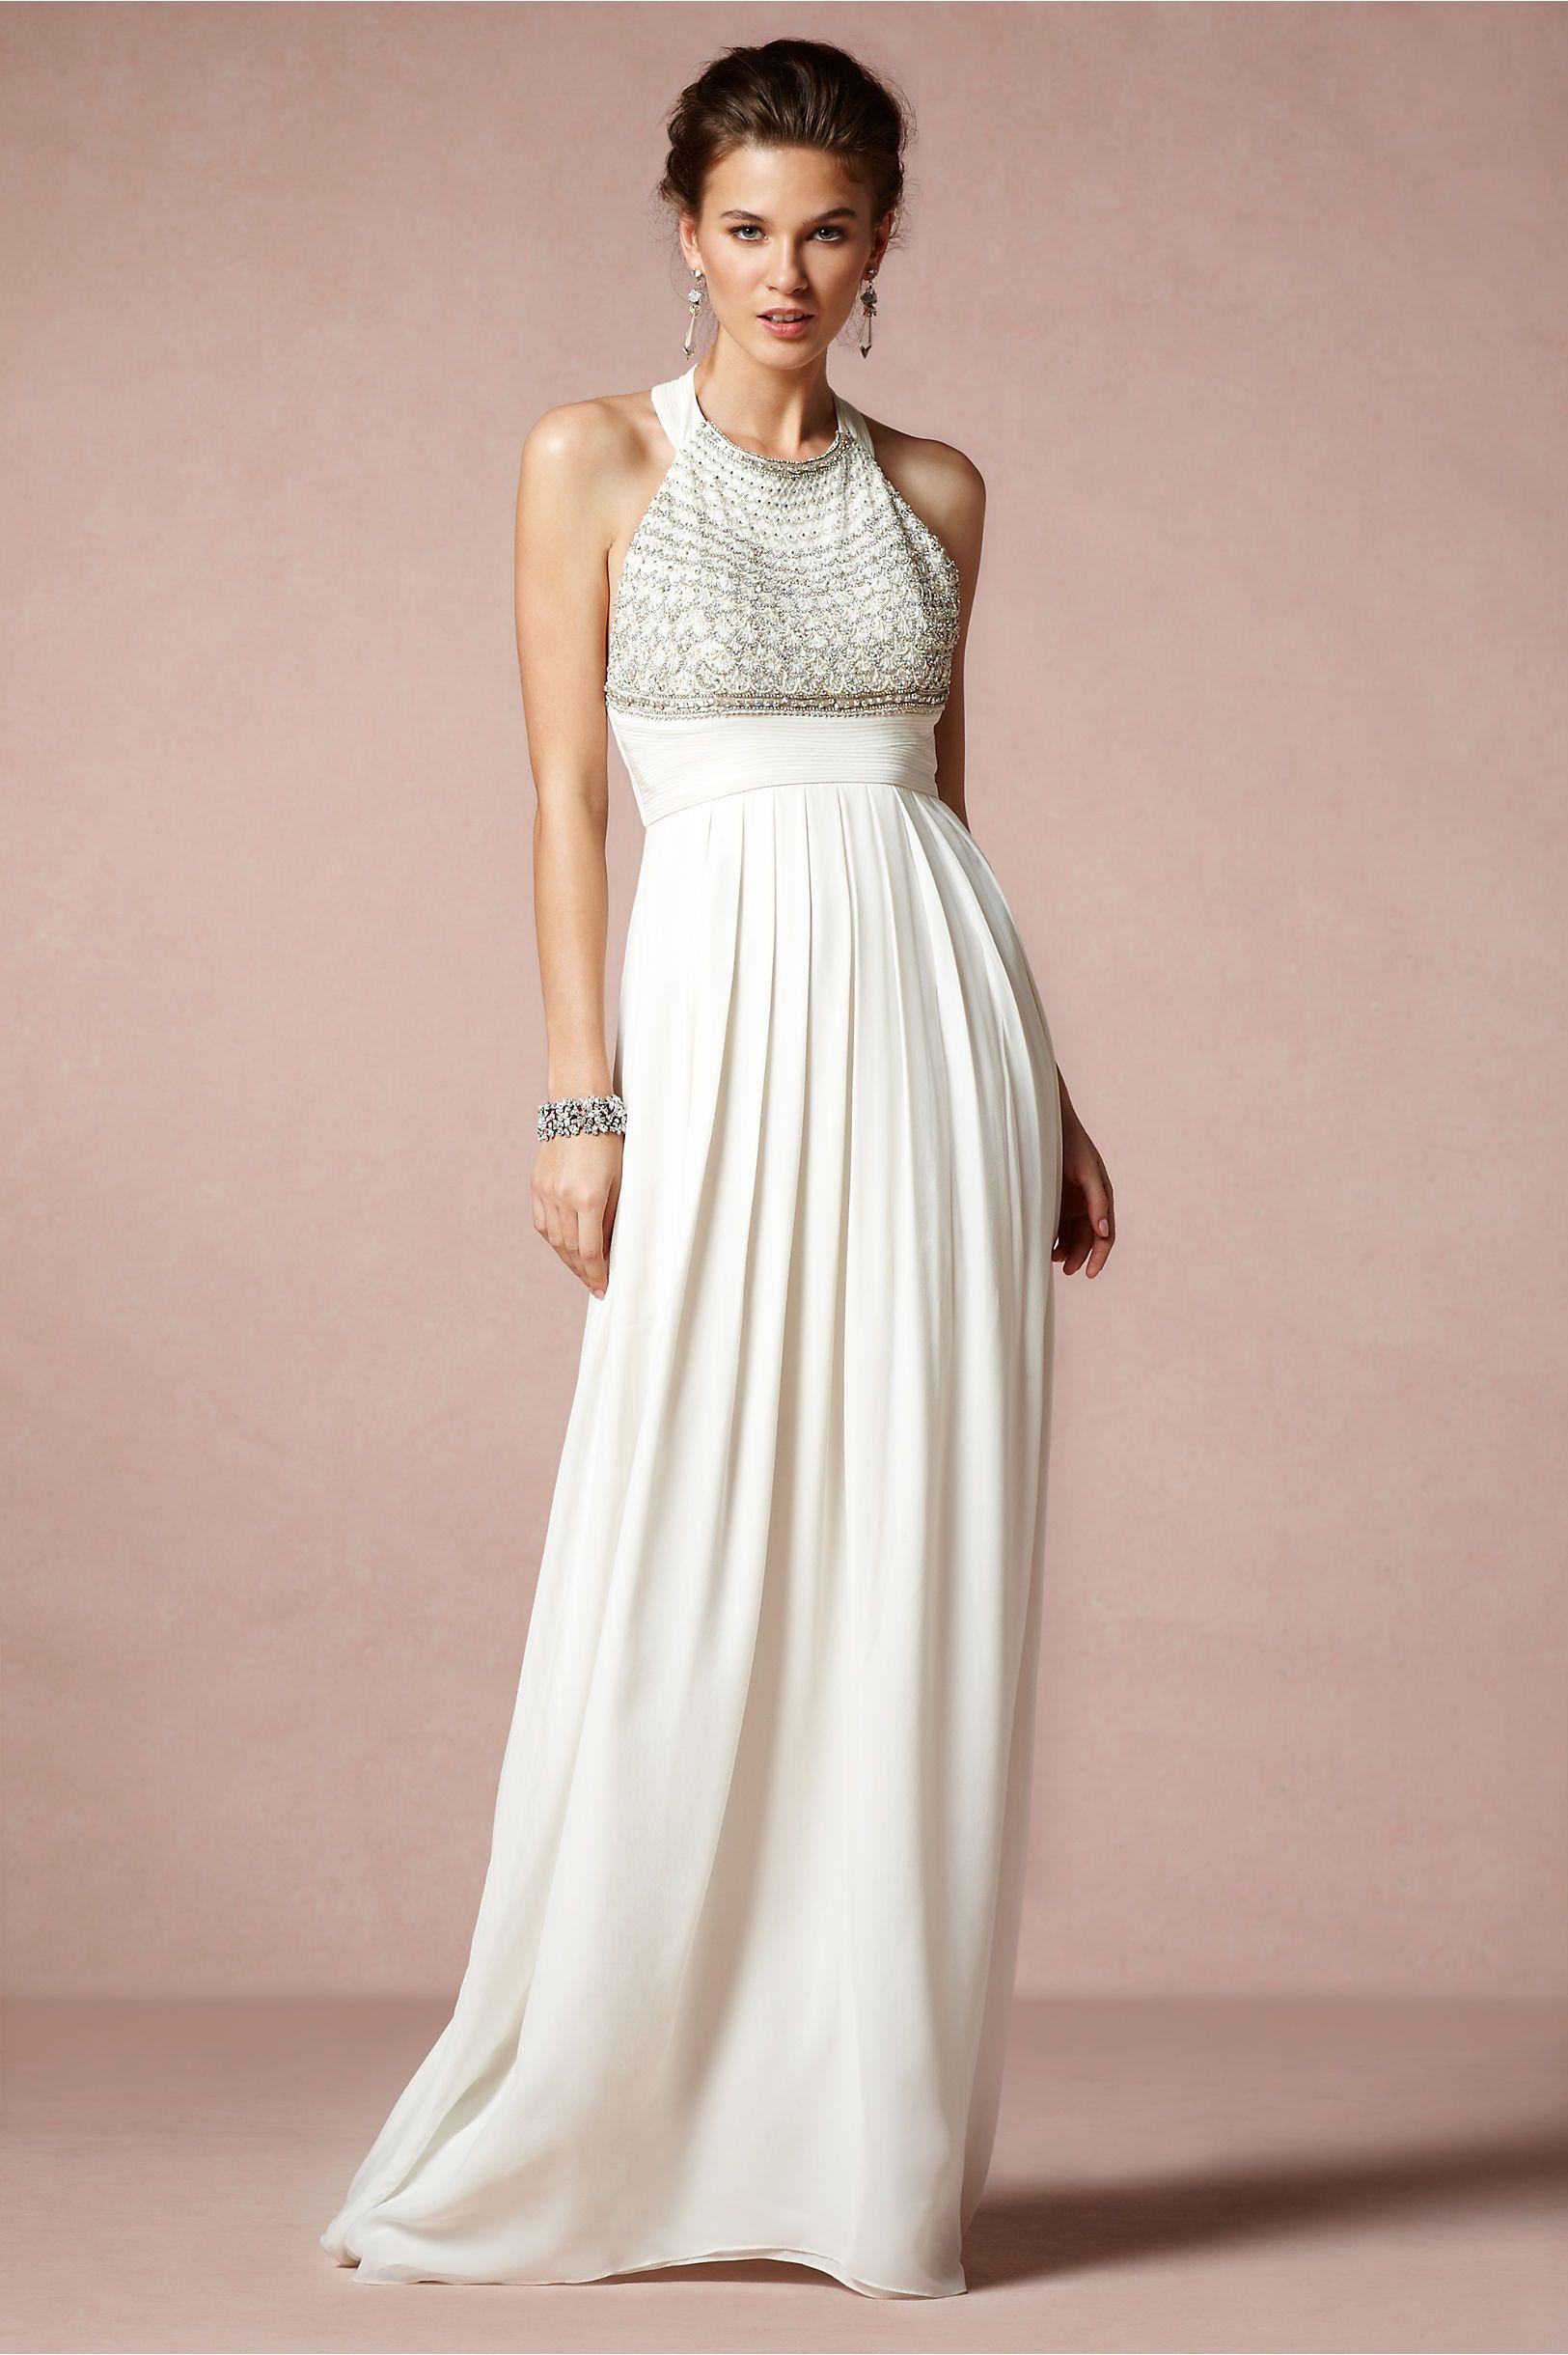 isolde gown | Weddings | Pinterest | Me quiero, Novios y Vestidos sexy